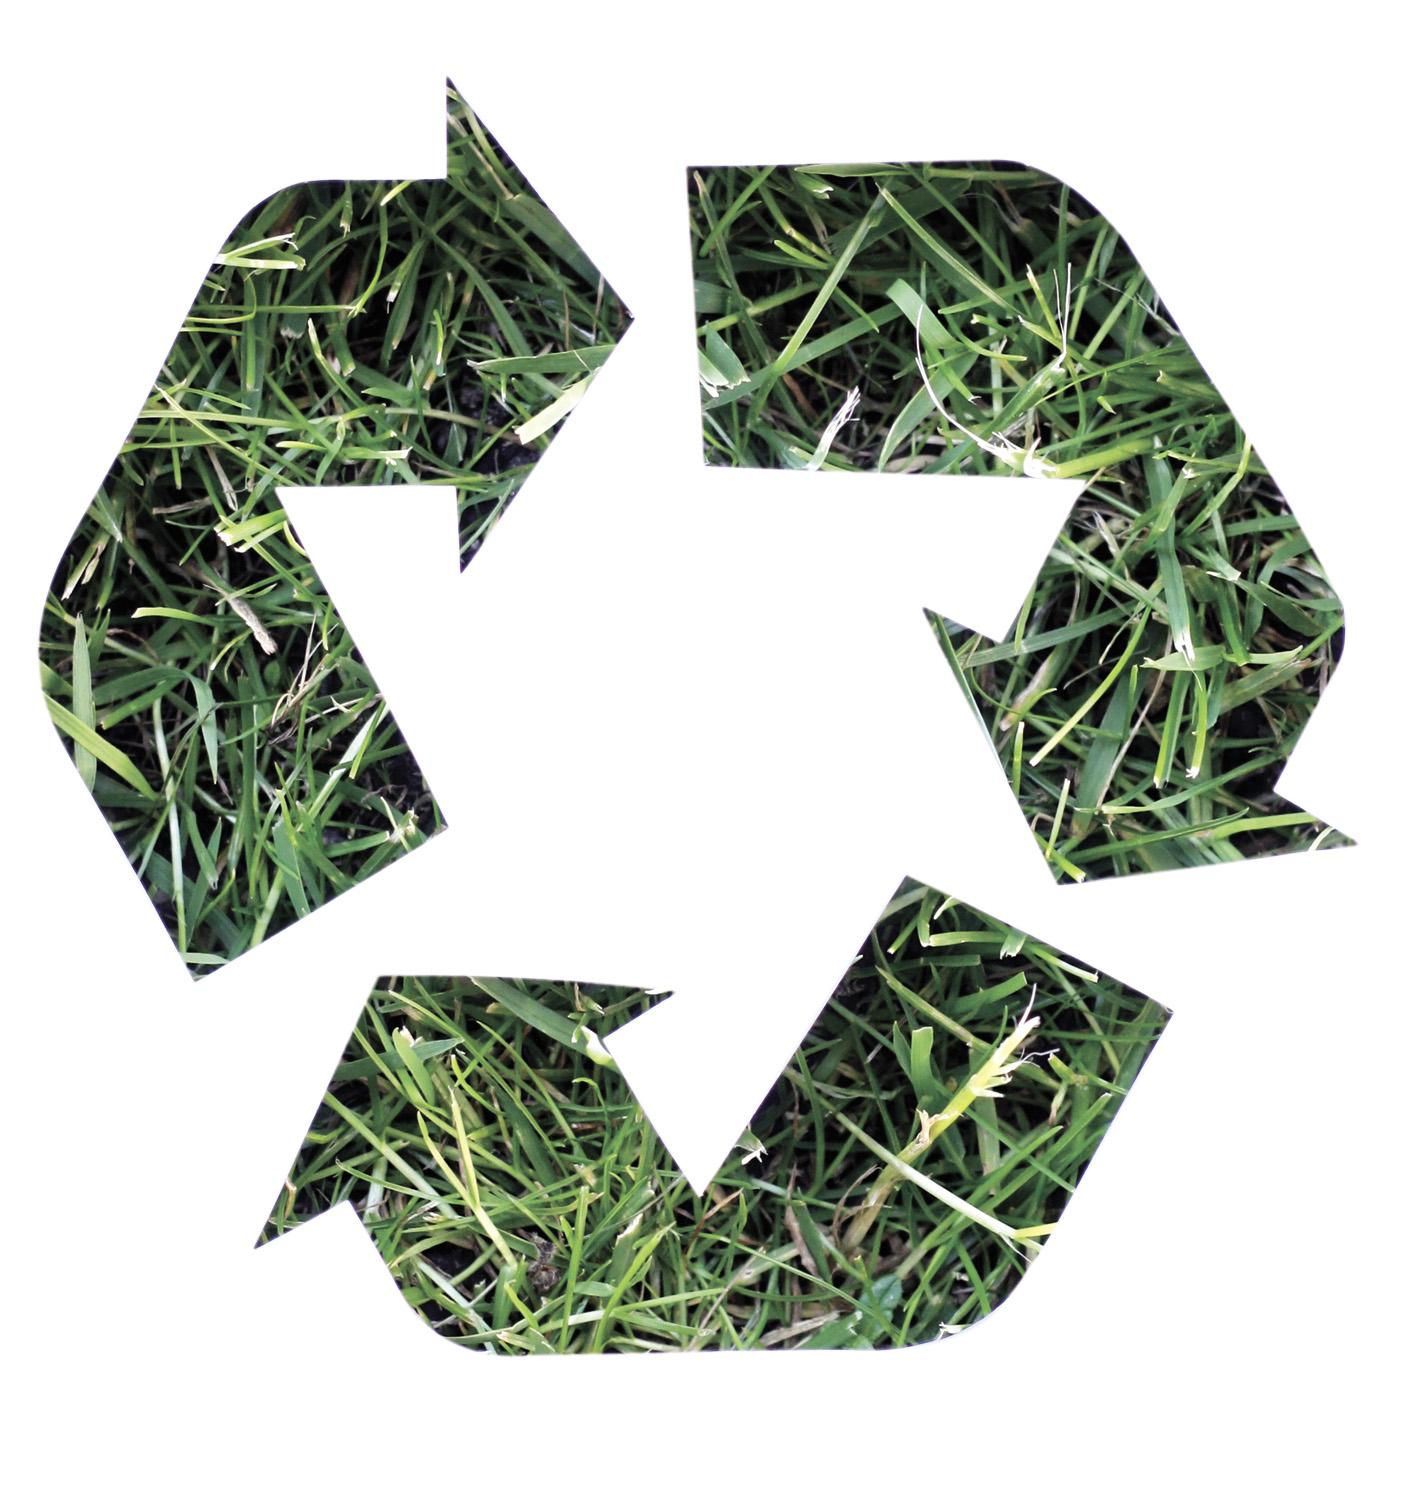 Waste Plan meeting postponed one more week to Feb. 8